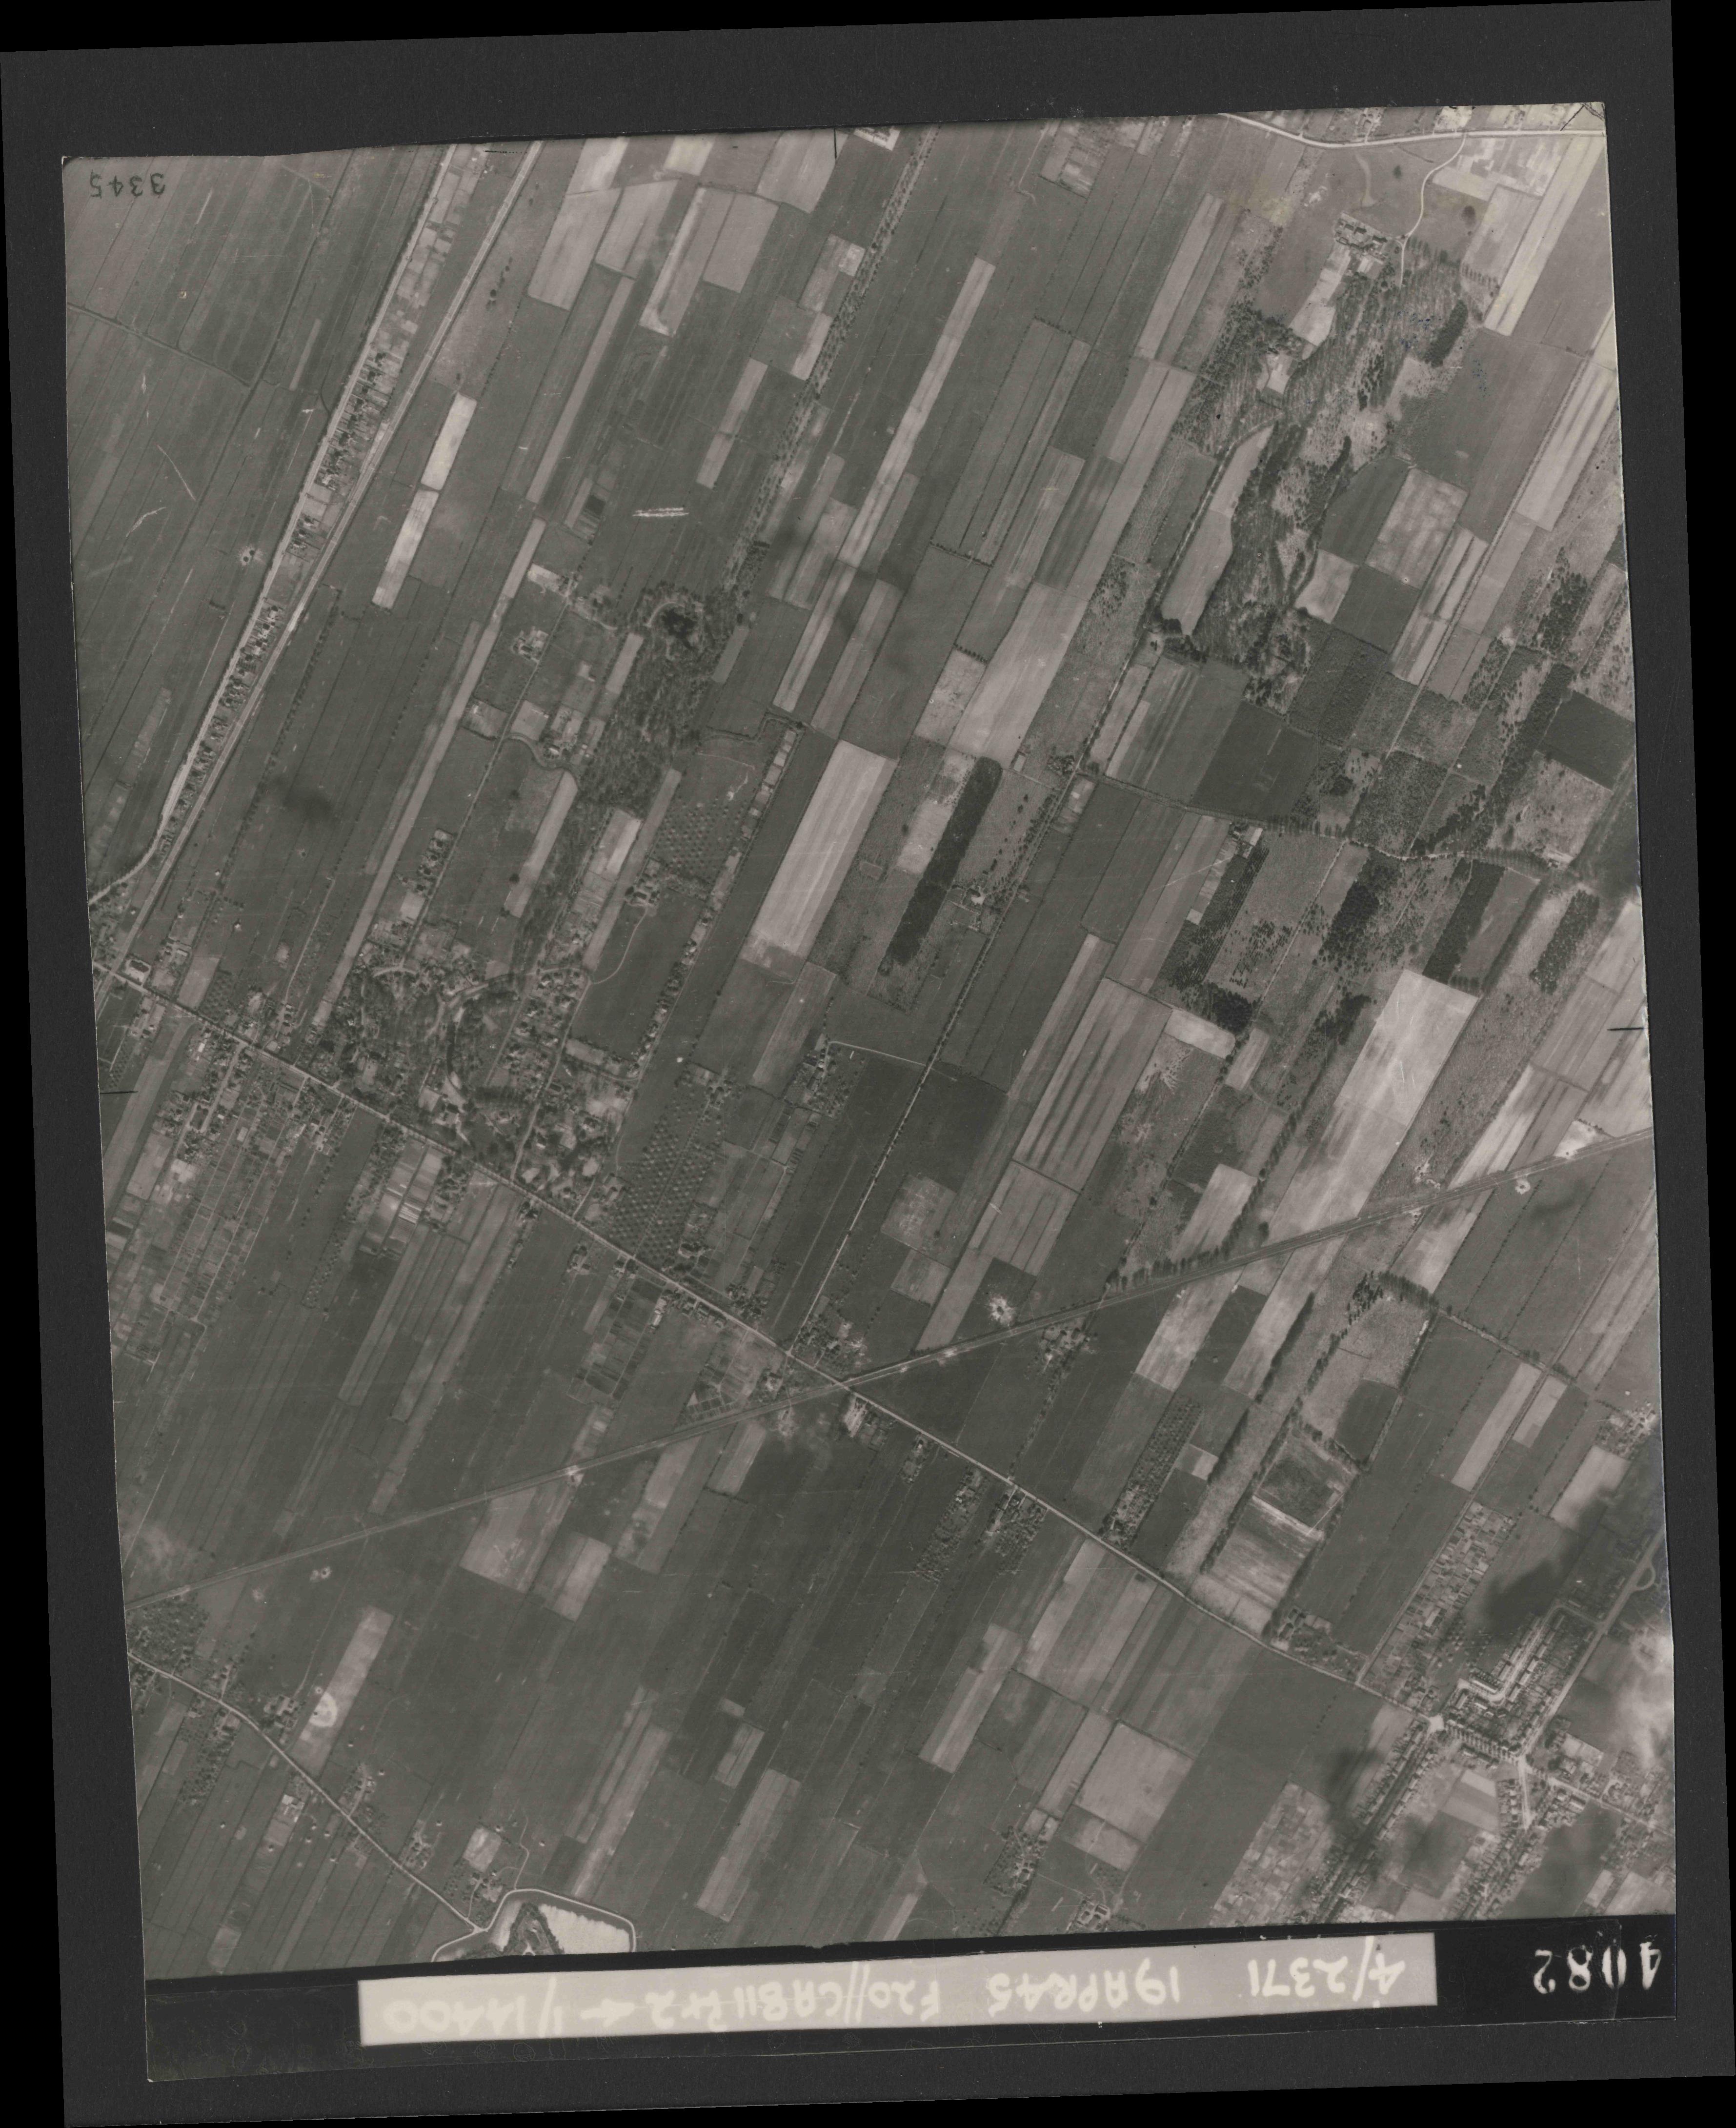 Collection RAF aerial photos 1940-1945 - flight 305, run 06, photo 4082